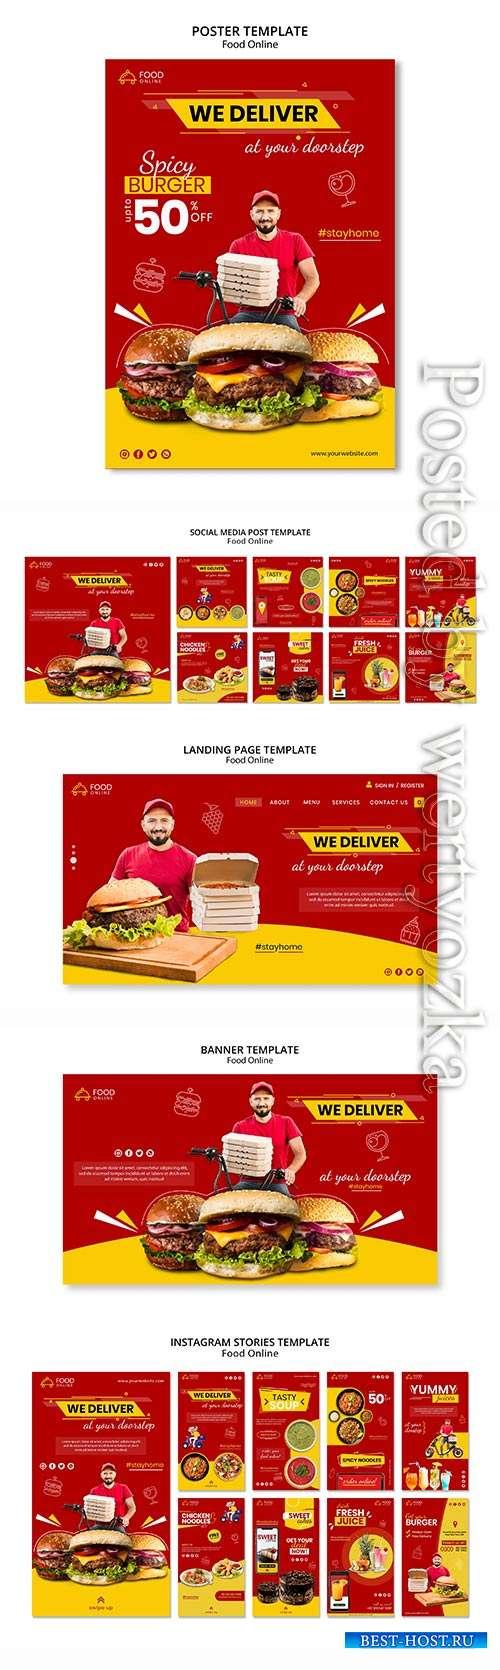 Food online concept banner mock-up